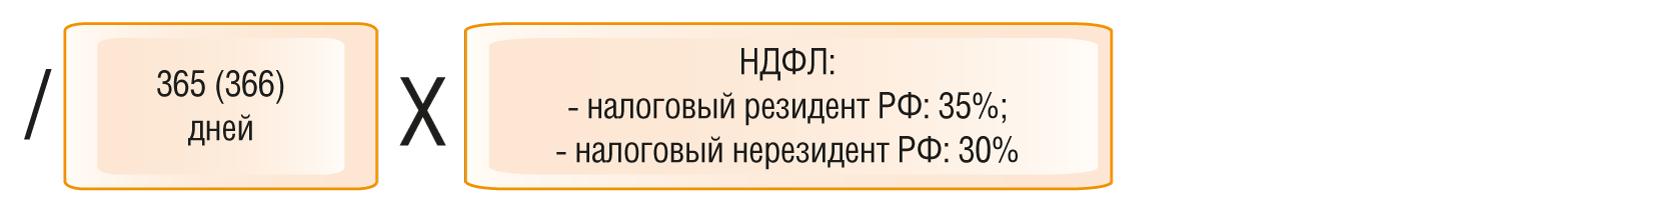 Кубань кредит армавир режим